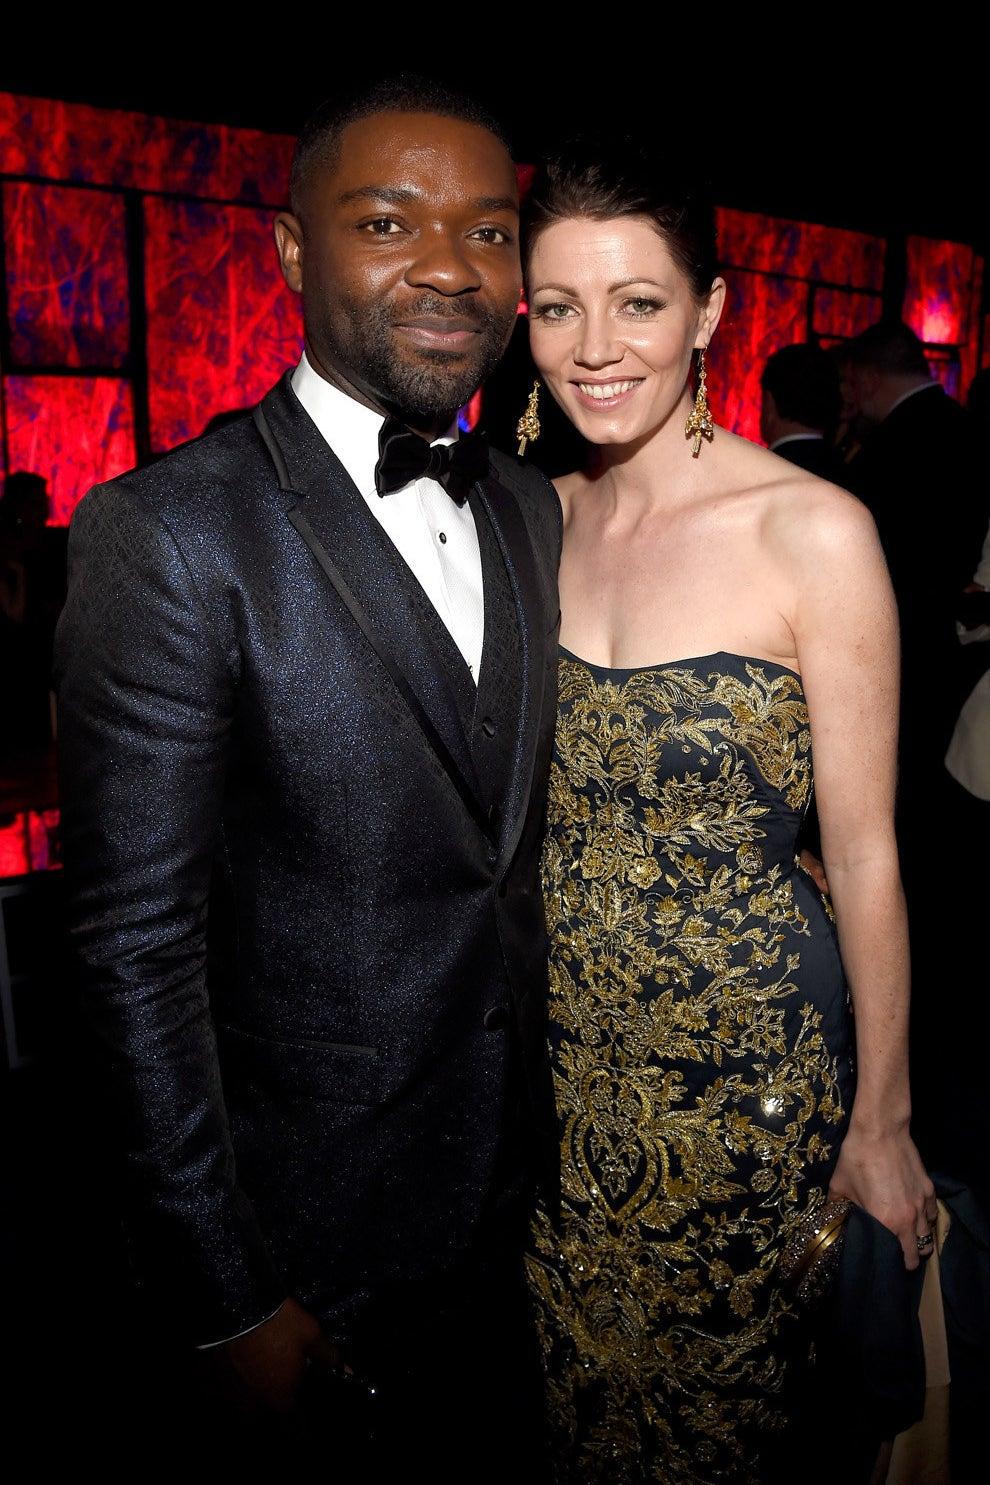 Jessica et David Oyelowo